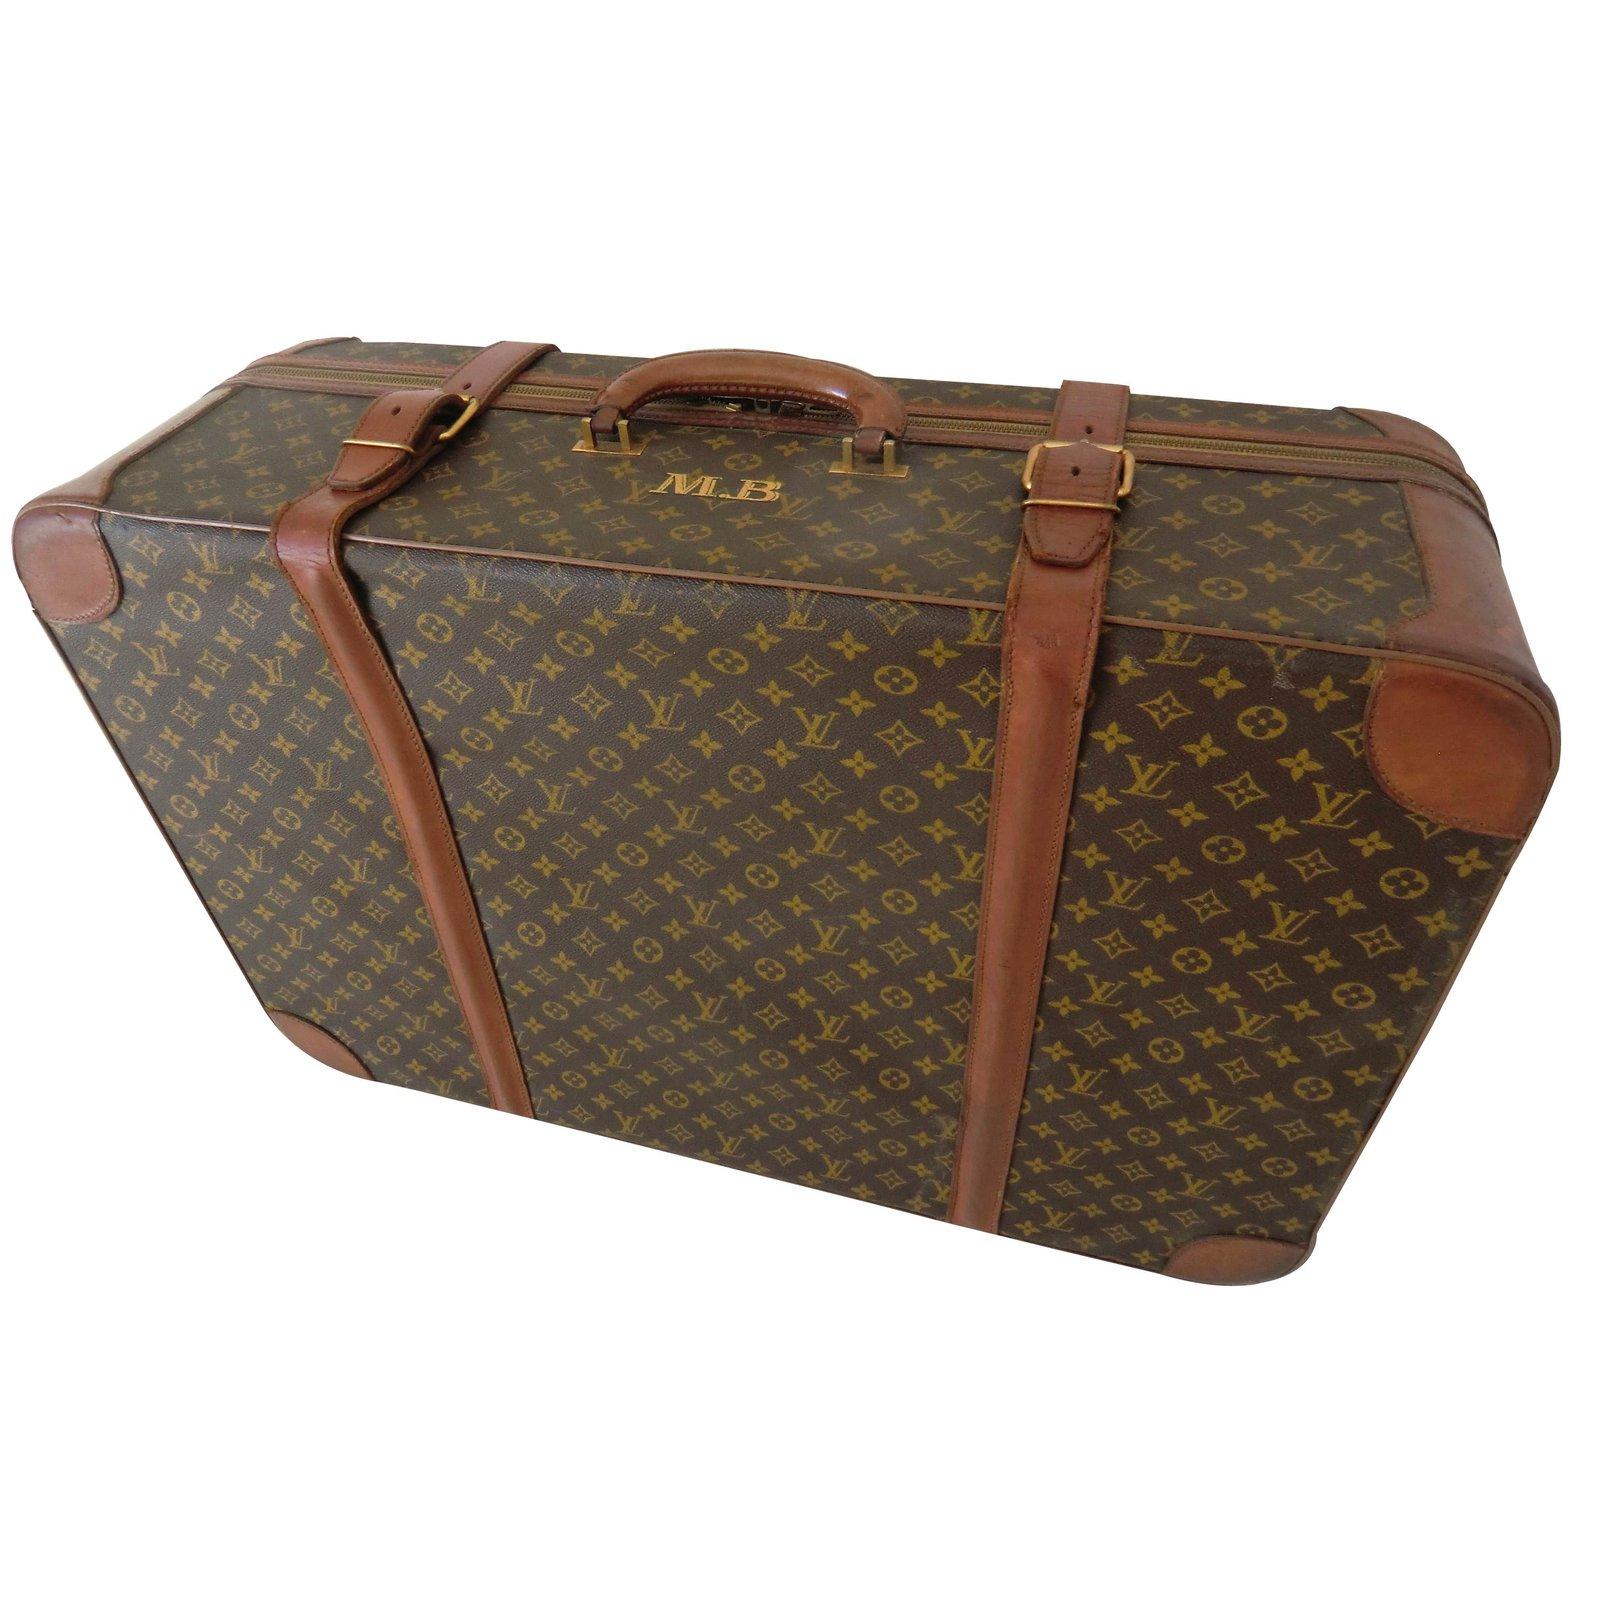 Louis Vuitton Travel Bag Cloth Brown Ref 14816